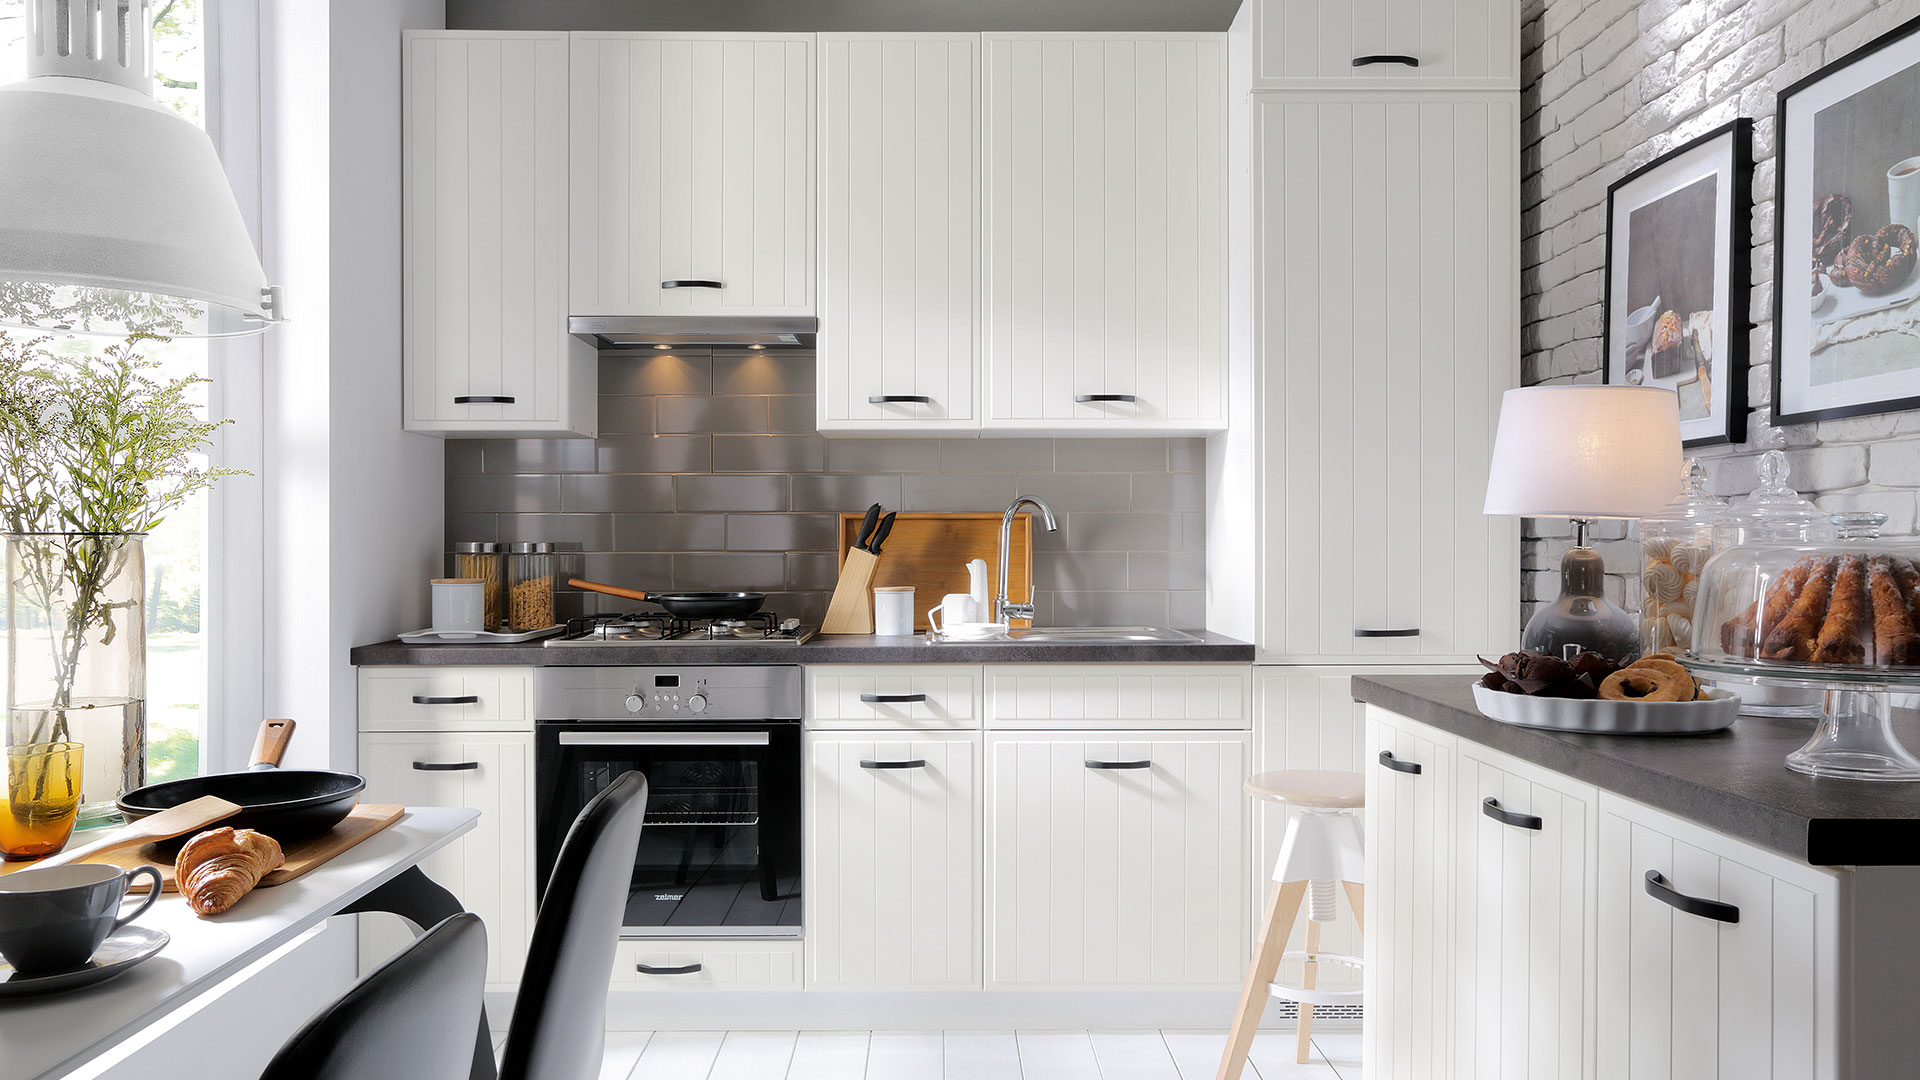 Küche DOMIN WEISS LANDHAUS - Küchenkollektion Modern ...